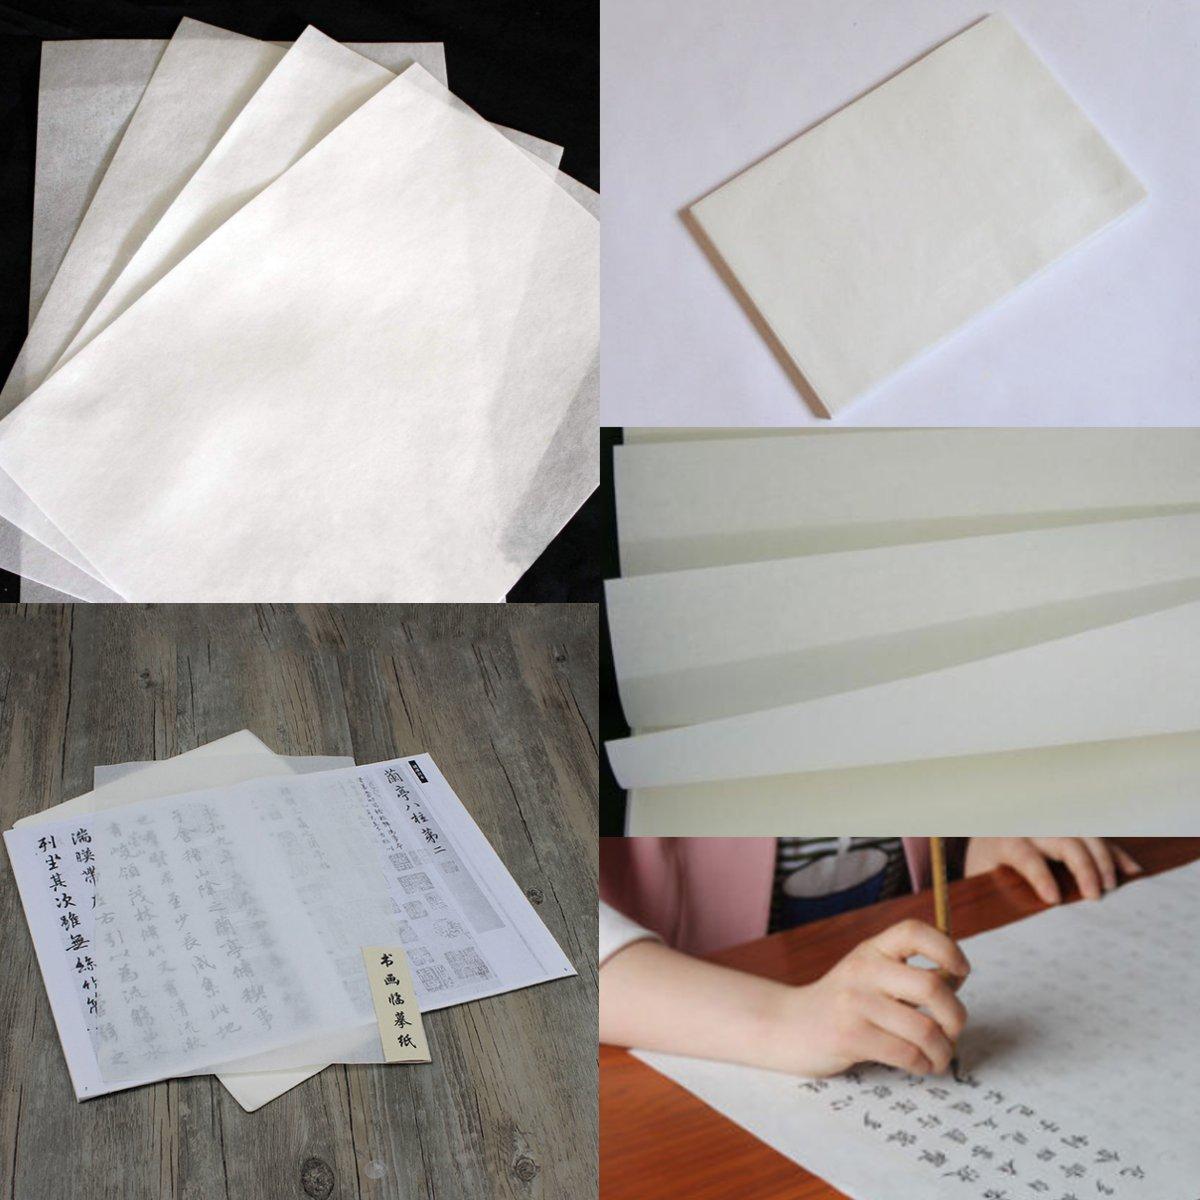 Image of 10 Blätter Chinesische Kalligraphie Reis Xuan Papier Sumi-e Zeichnung Hohe Tinte Absorption